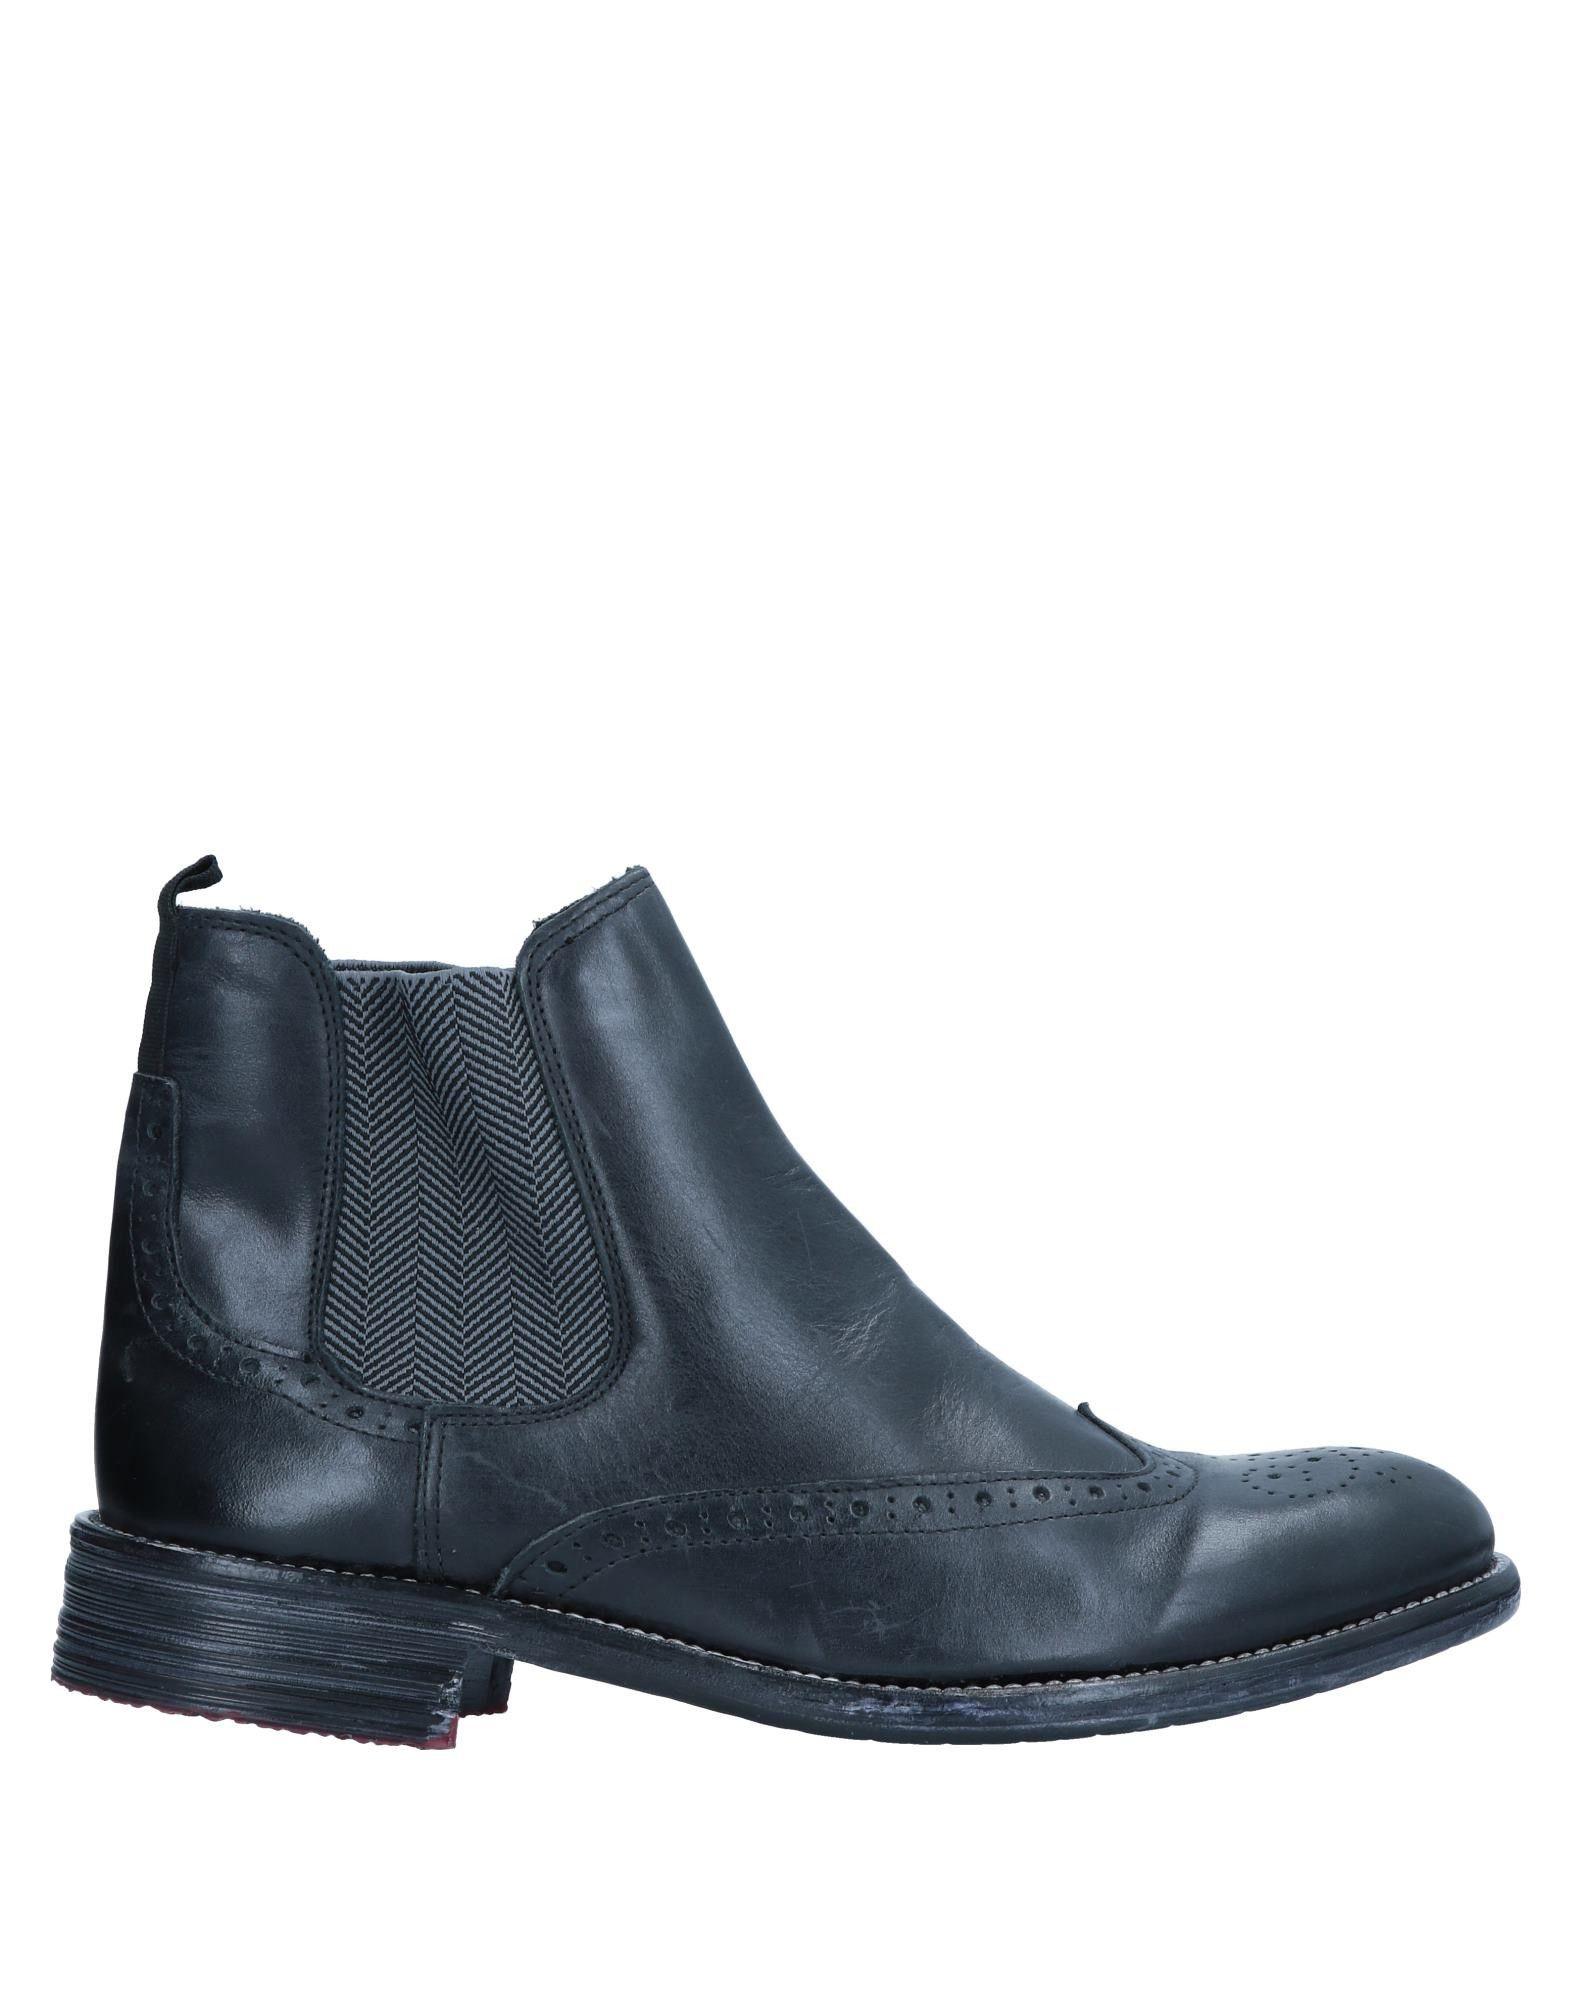 Bottega Marchigiana Boots - Men Bottega Marchigiana Boots - online on  Australia - Boots 11541913EG 0cd07b